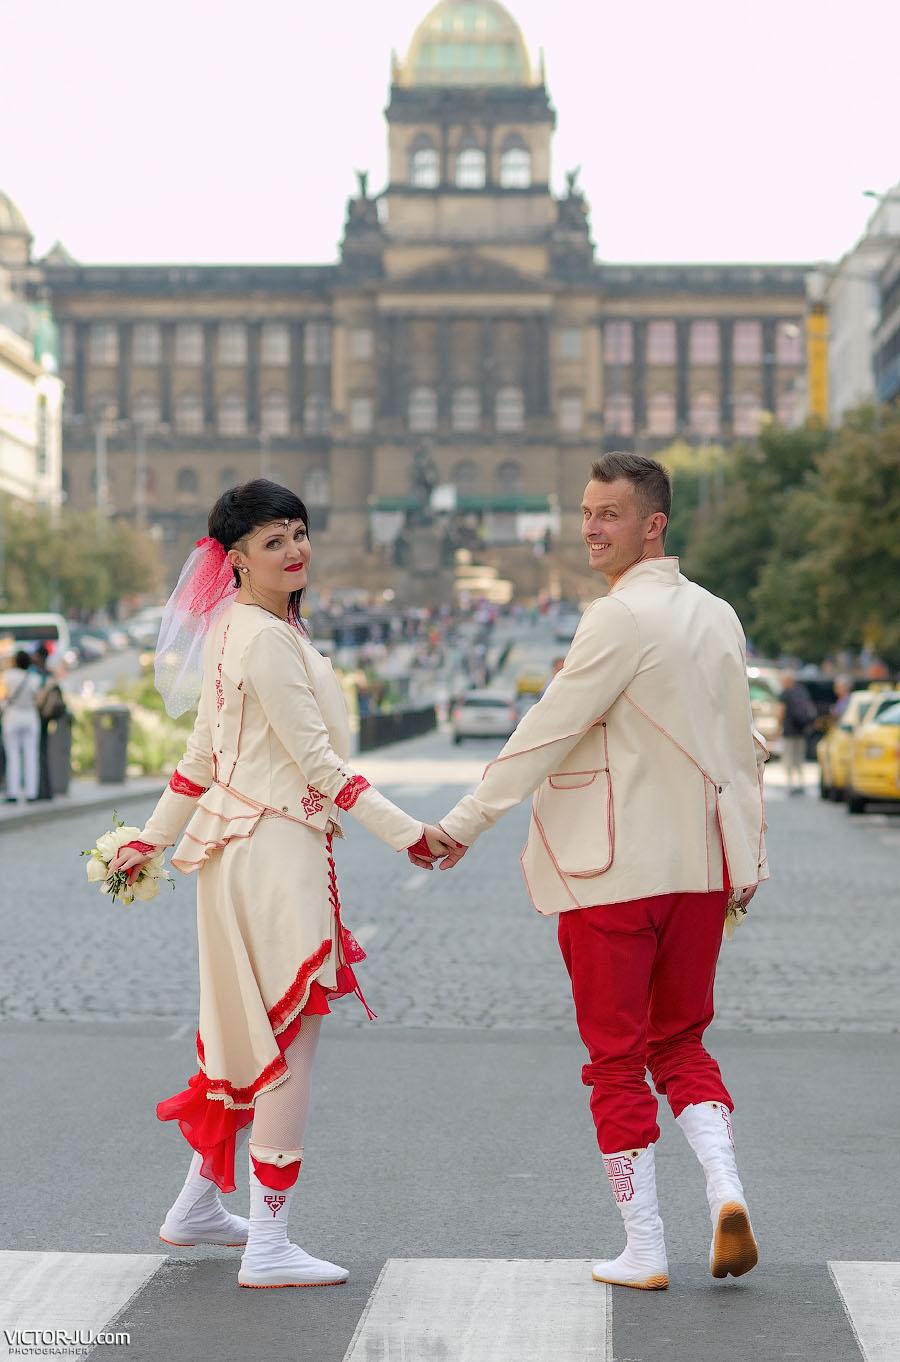 Свадьба в Праге в сентябре